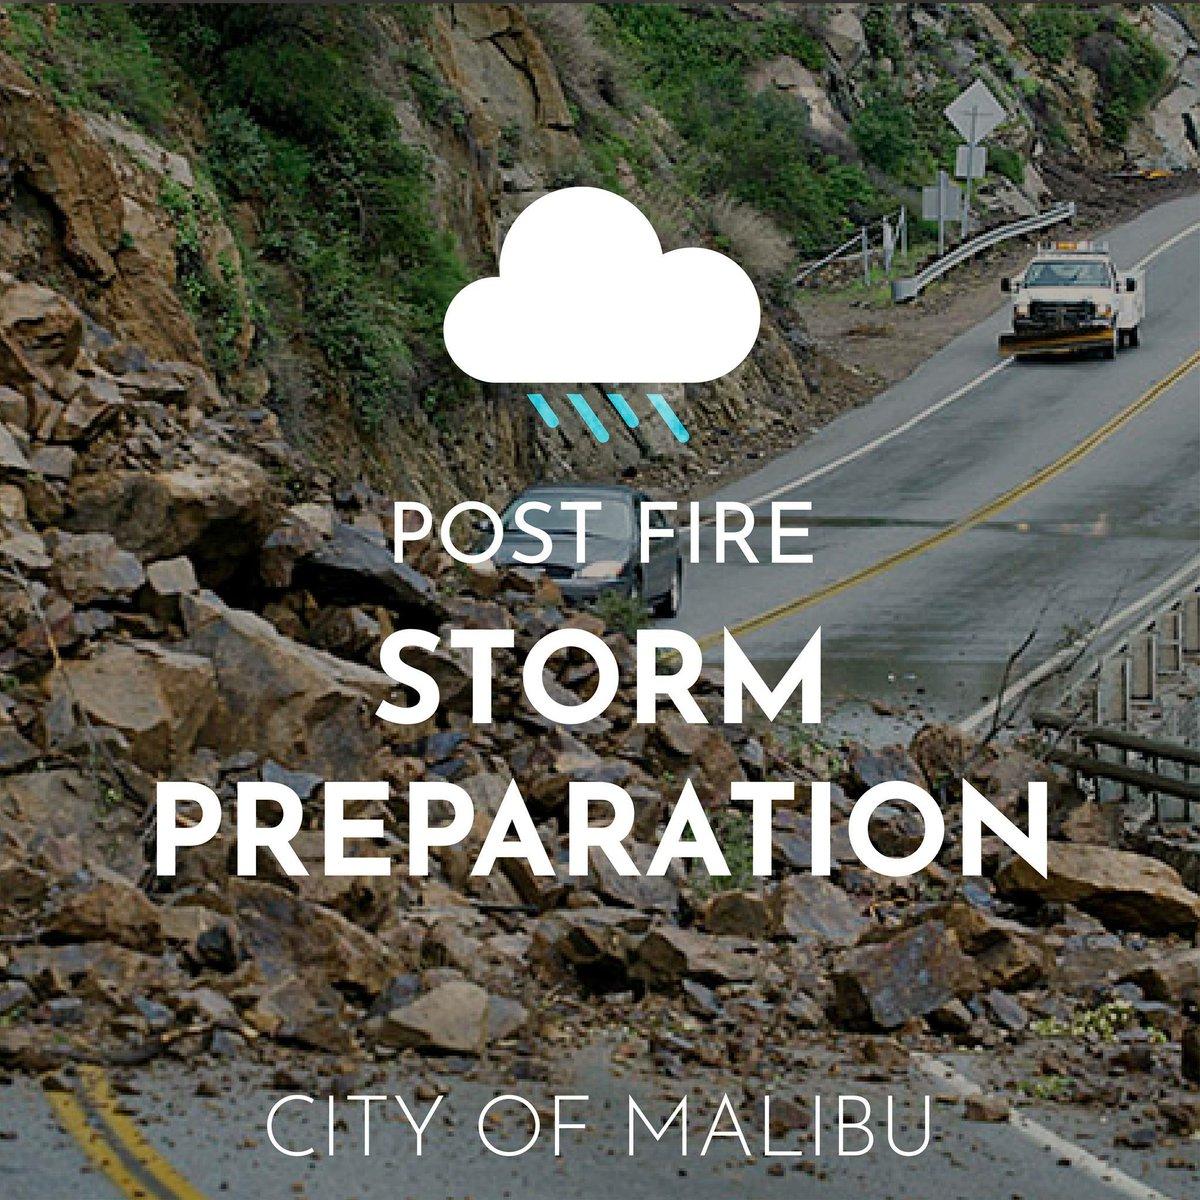 City of Malibu on Twitter: